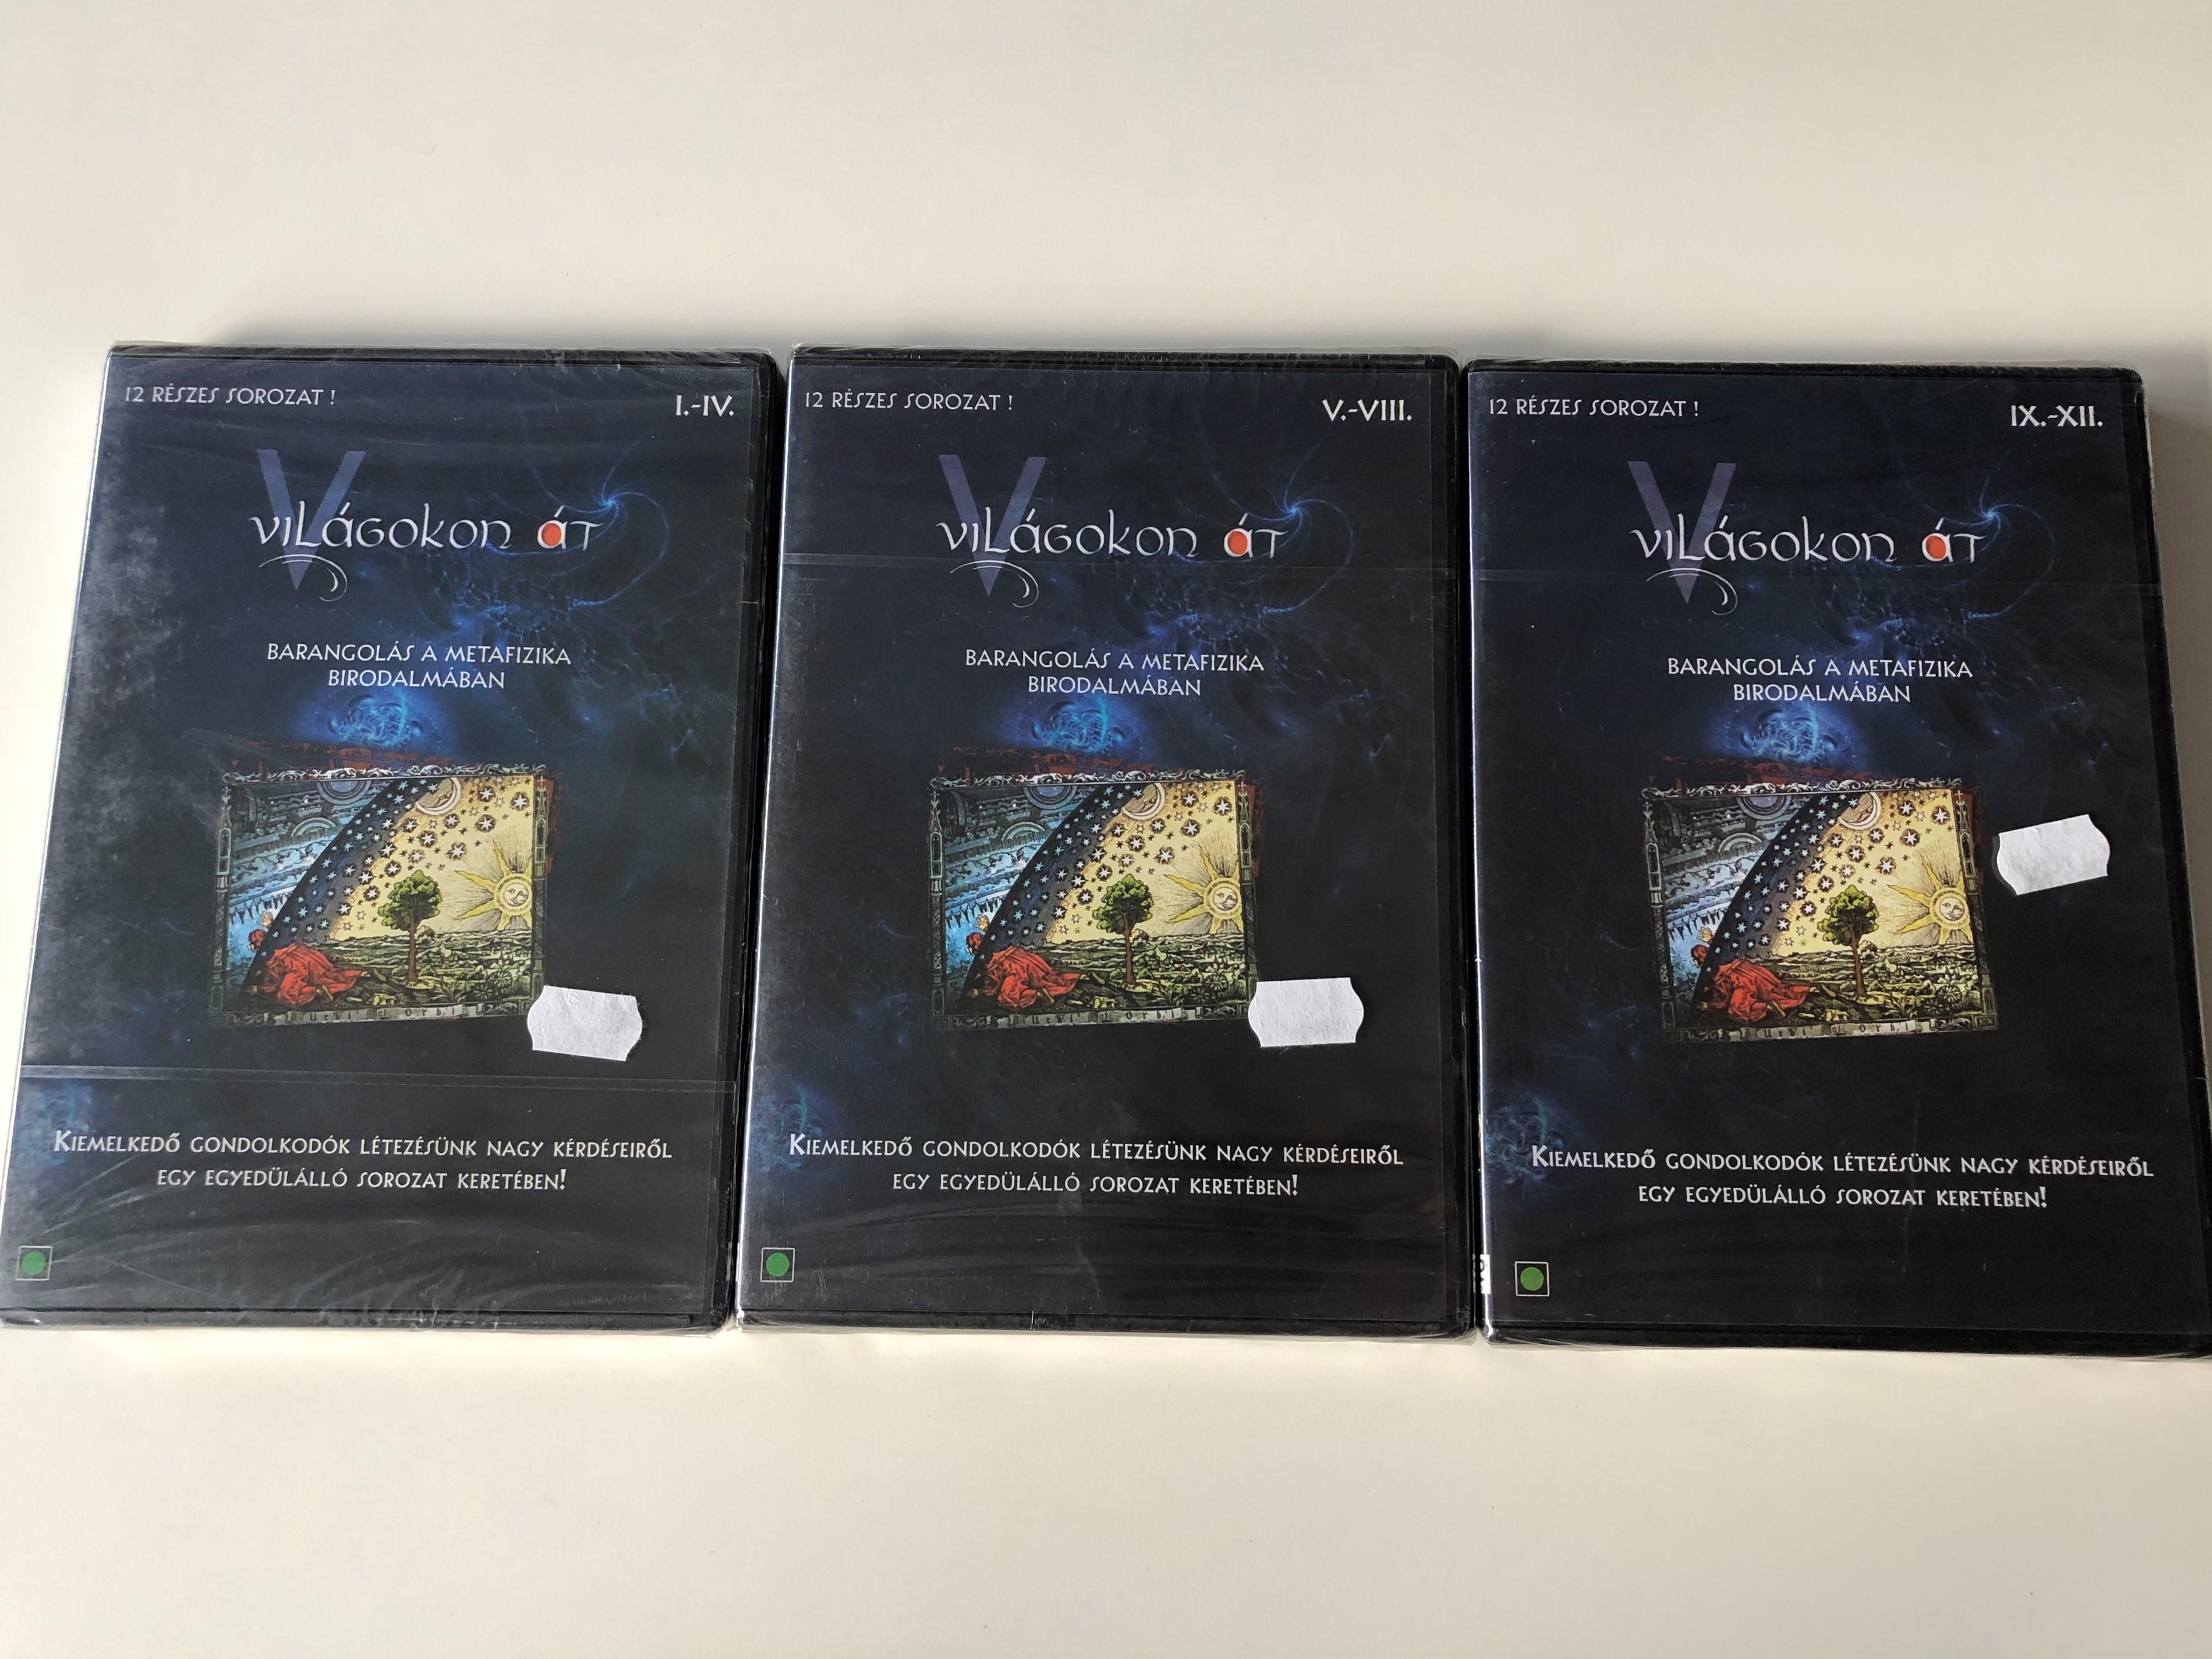 -vil-gokon-t-dvd-set-1999-2001-across-worlds.jpg